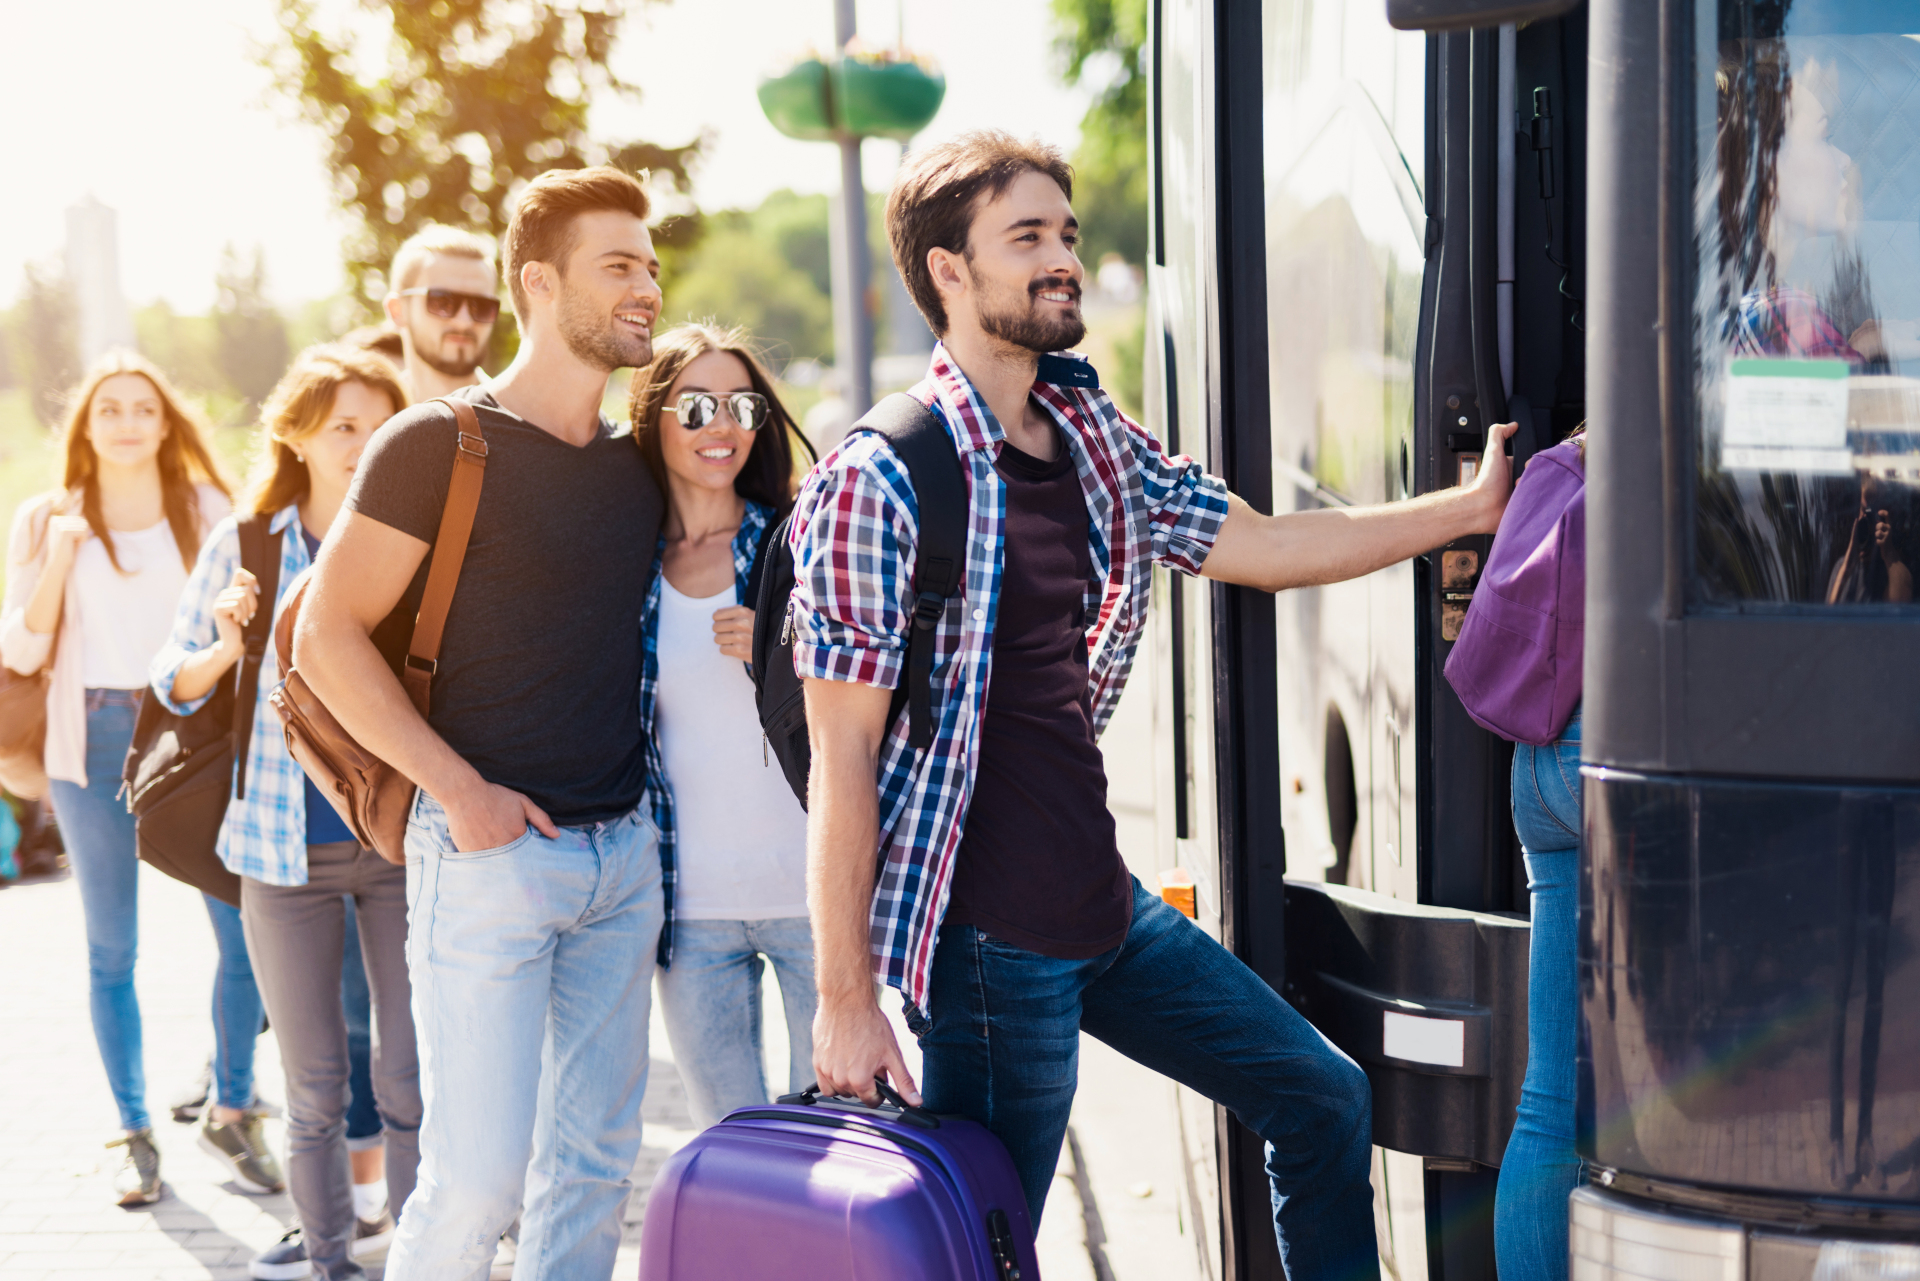 Mit dem Aldi FlixBus und FlixTrain Europa Ticket für nur 9,99 Euro deutschland- und Europaweit reisen